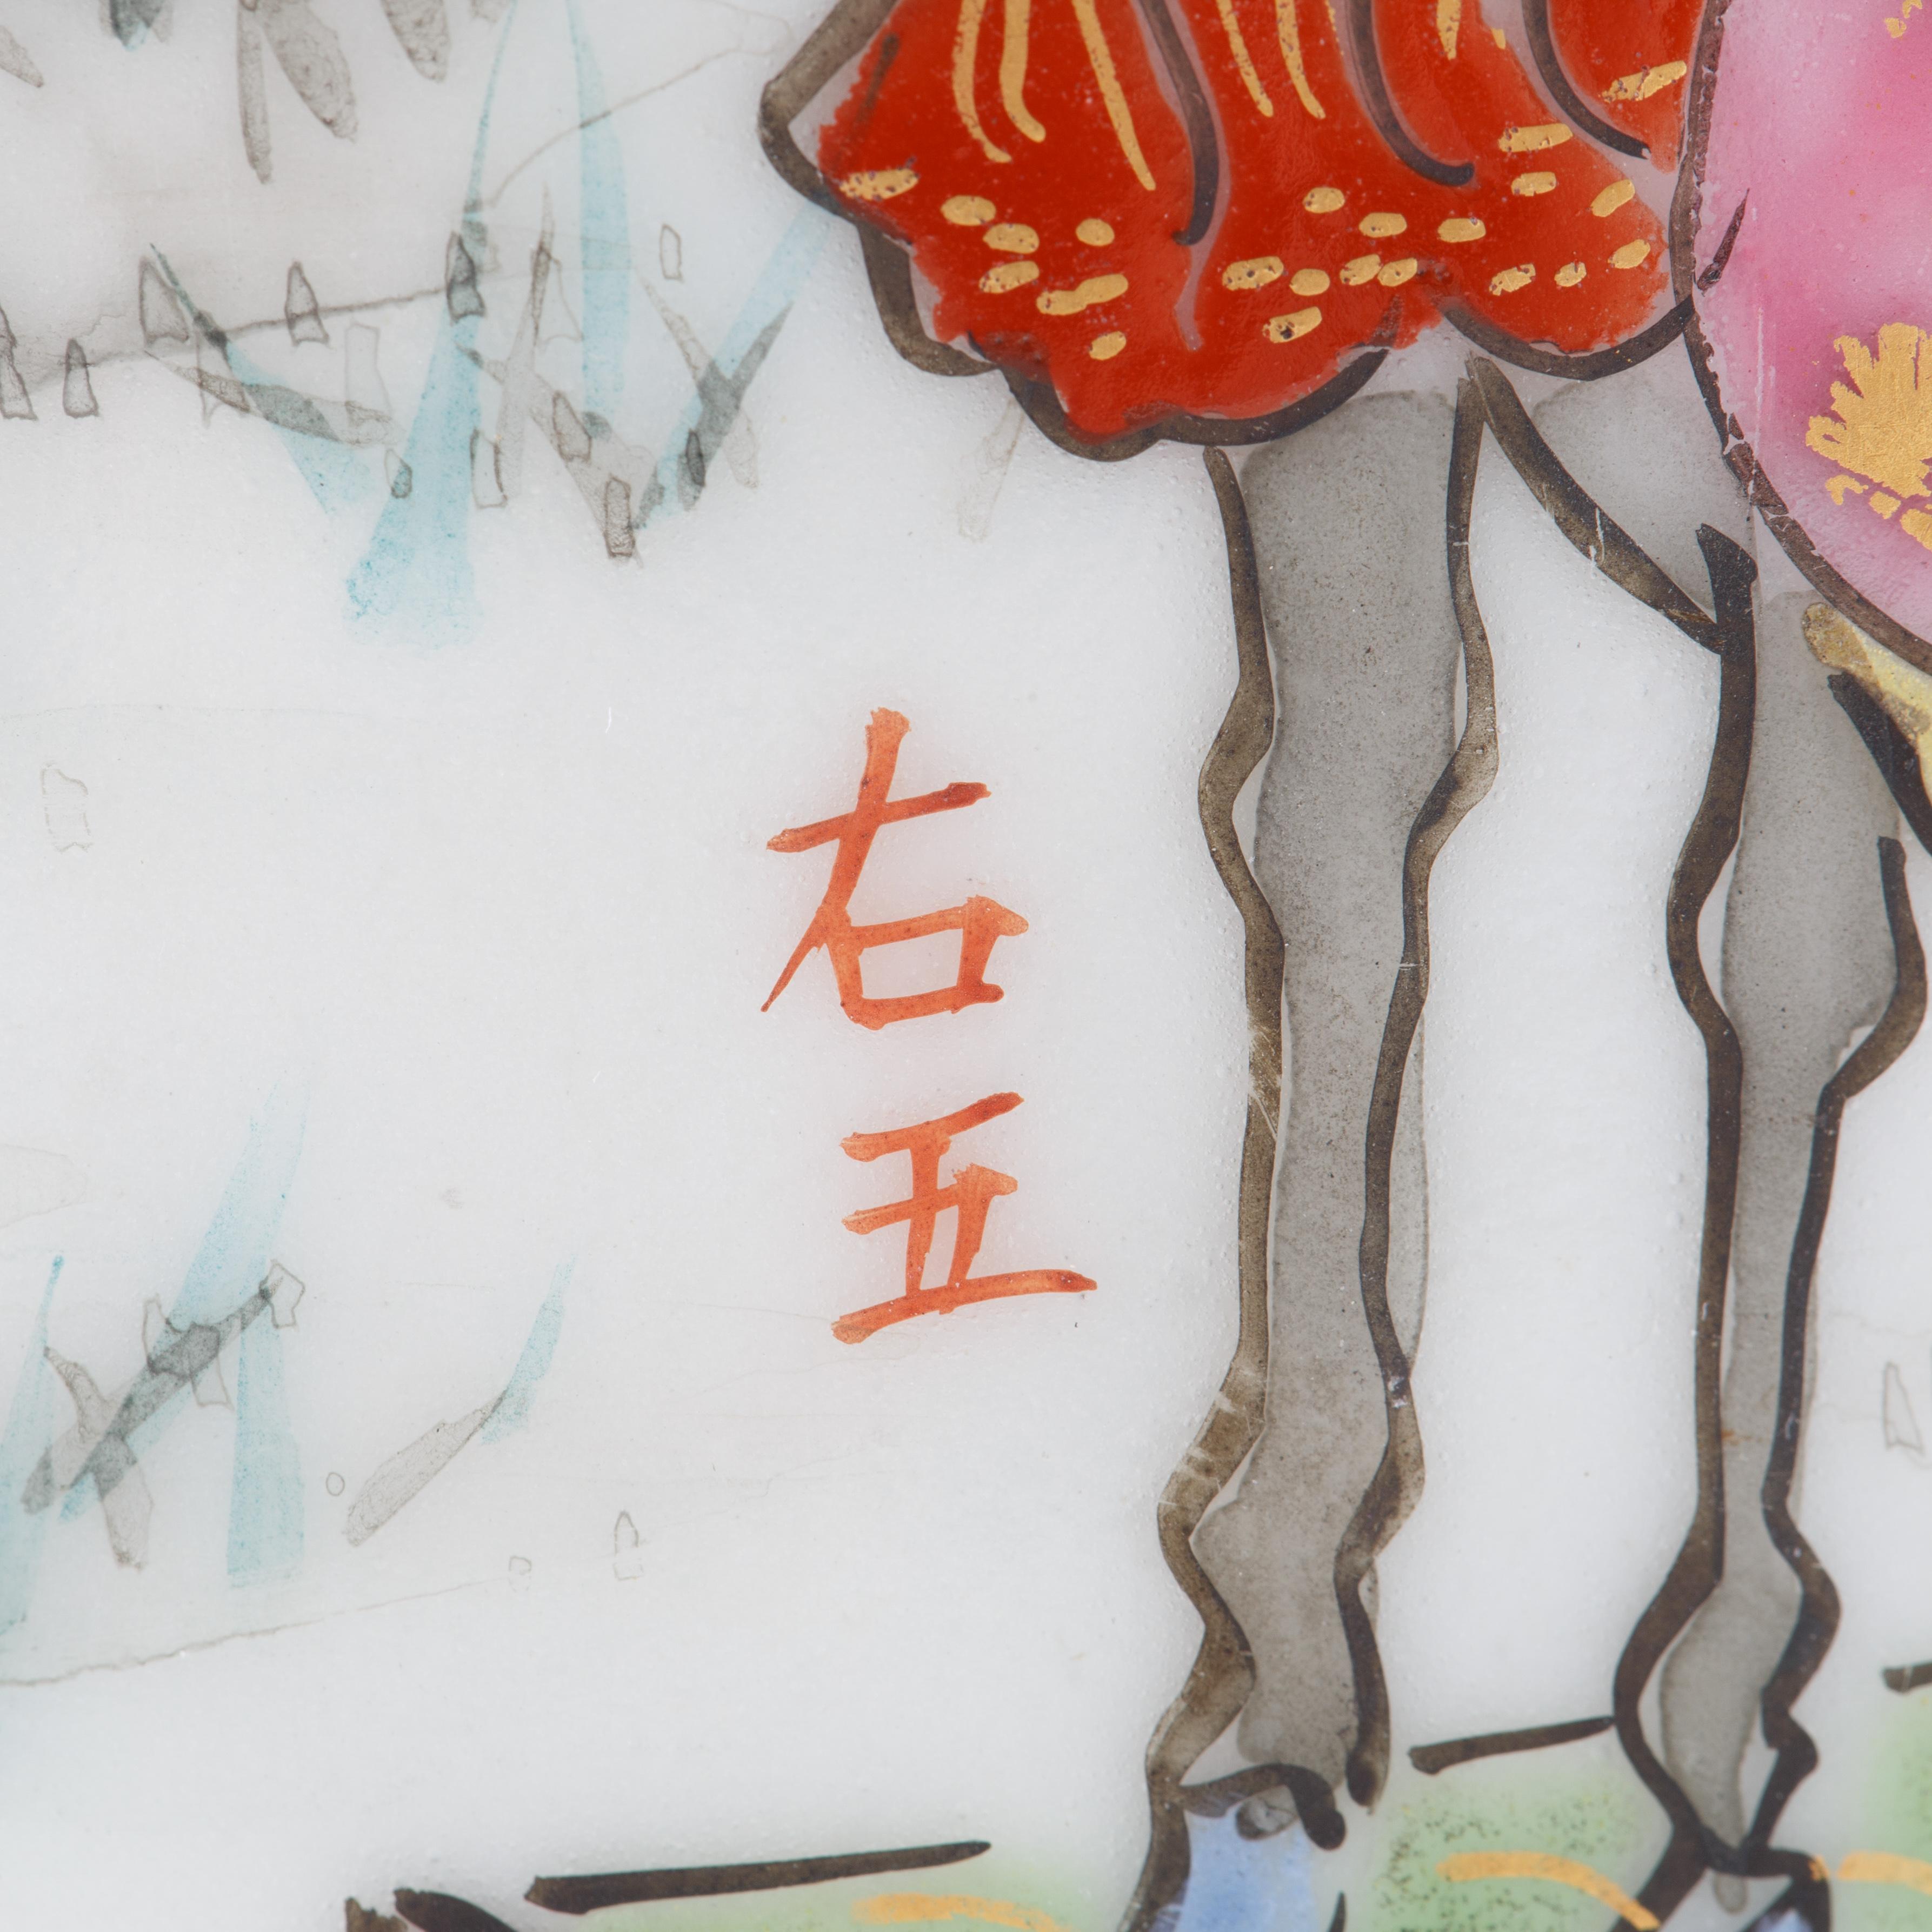 EARLY 20TH CENTURY JAPANESE KUTANI BALUSTER VASE - Image 5 of 5